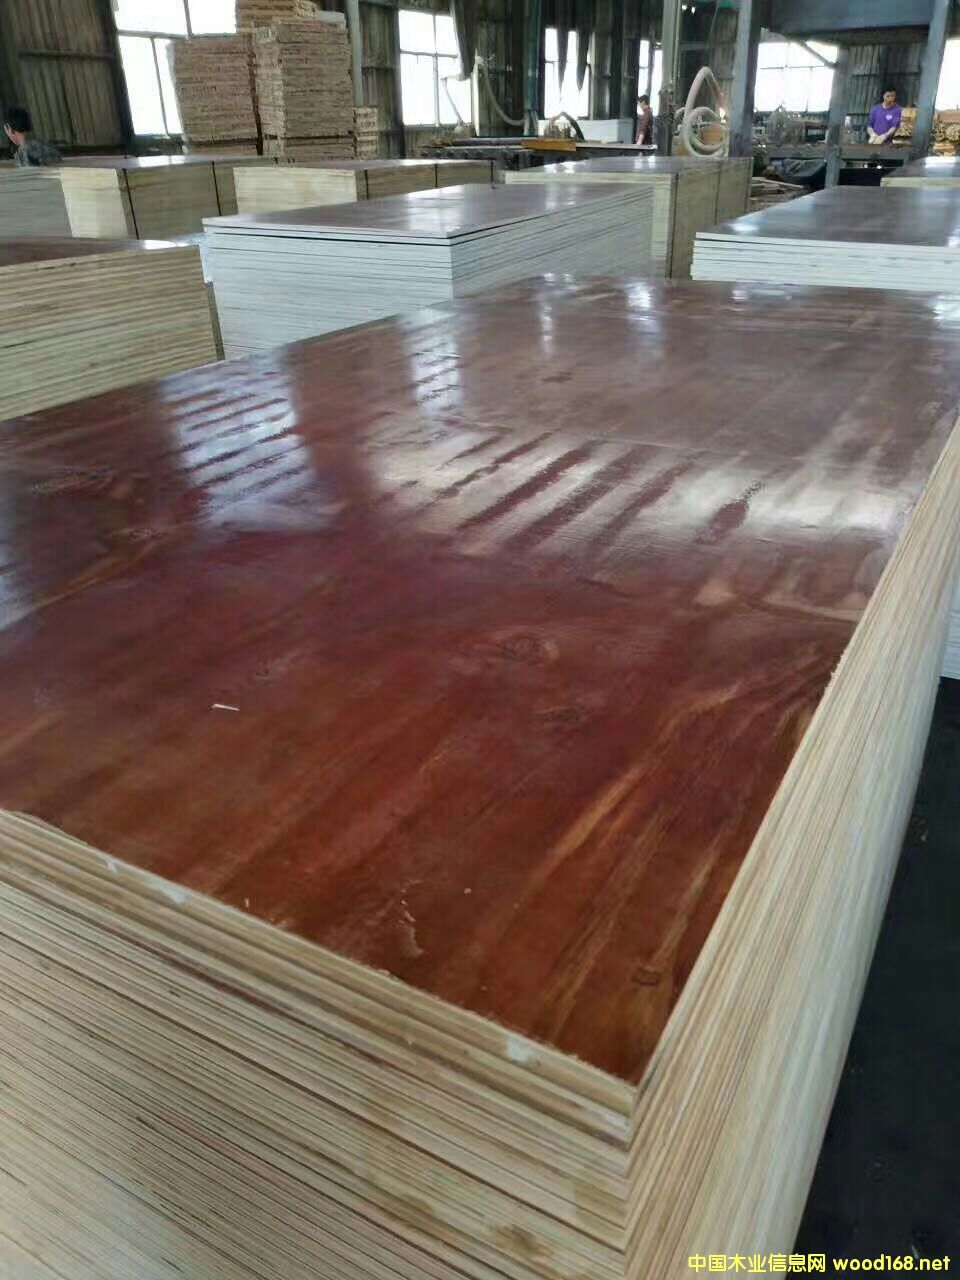 高档建筑模板厂家推荐:江苏沭阳县金森源木业